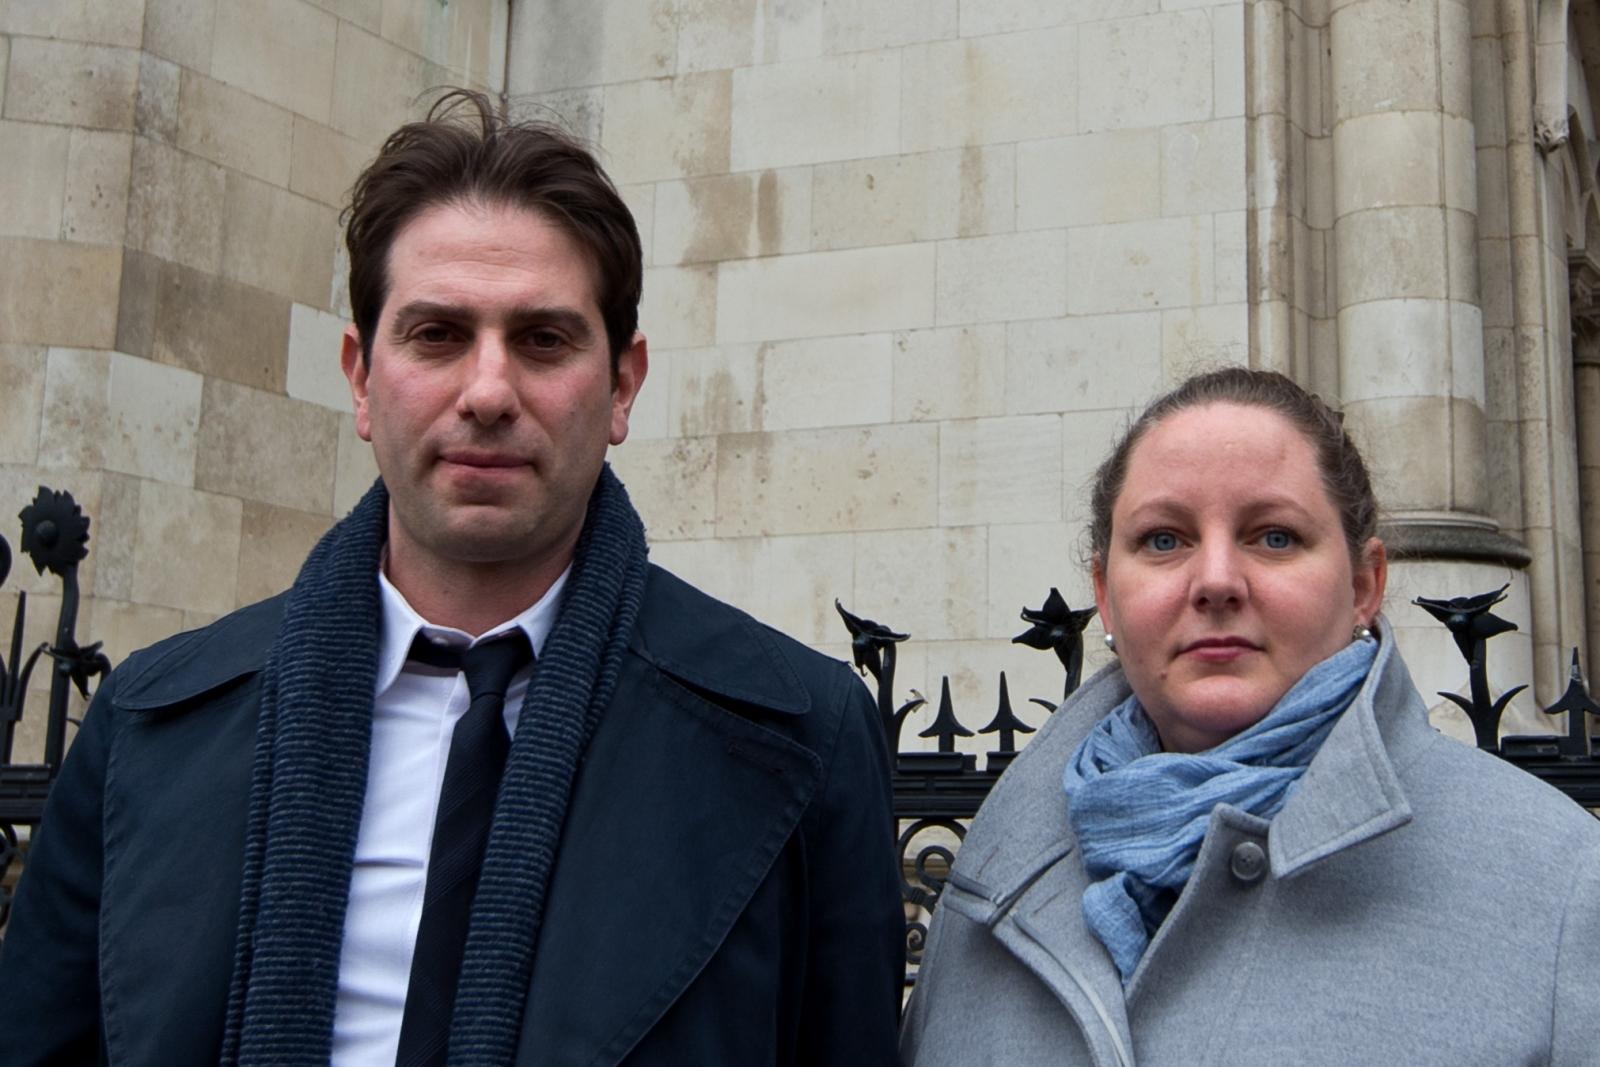 Charles Keidan and Rebecca Steinfeld